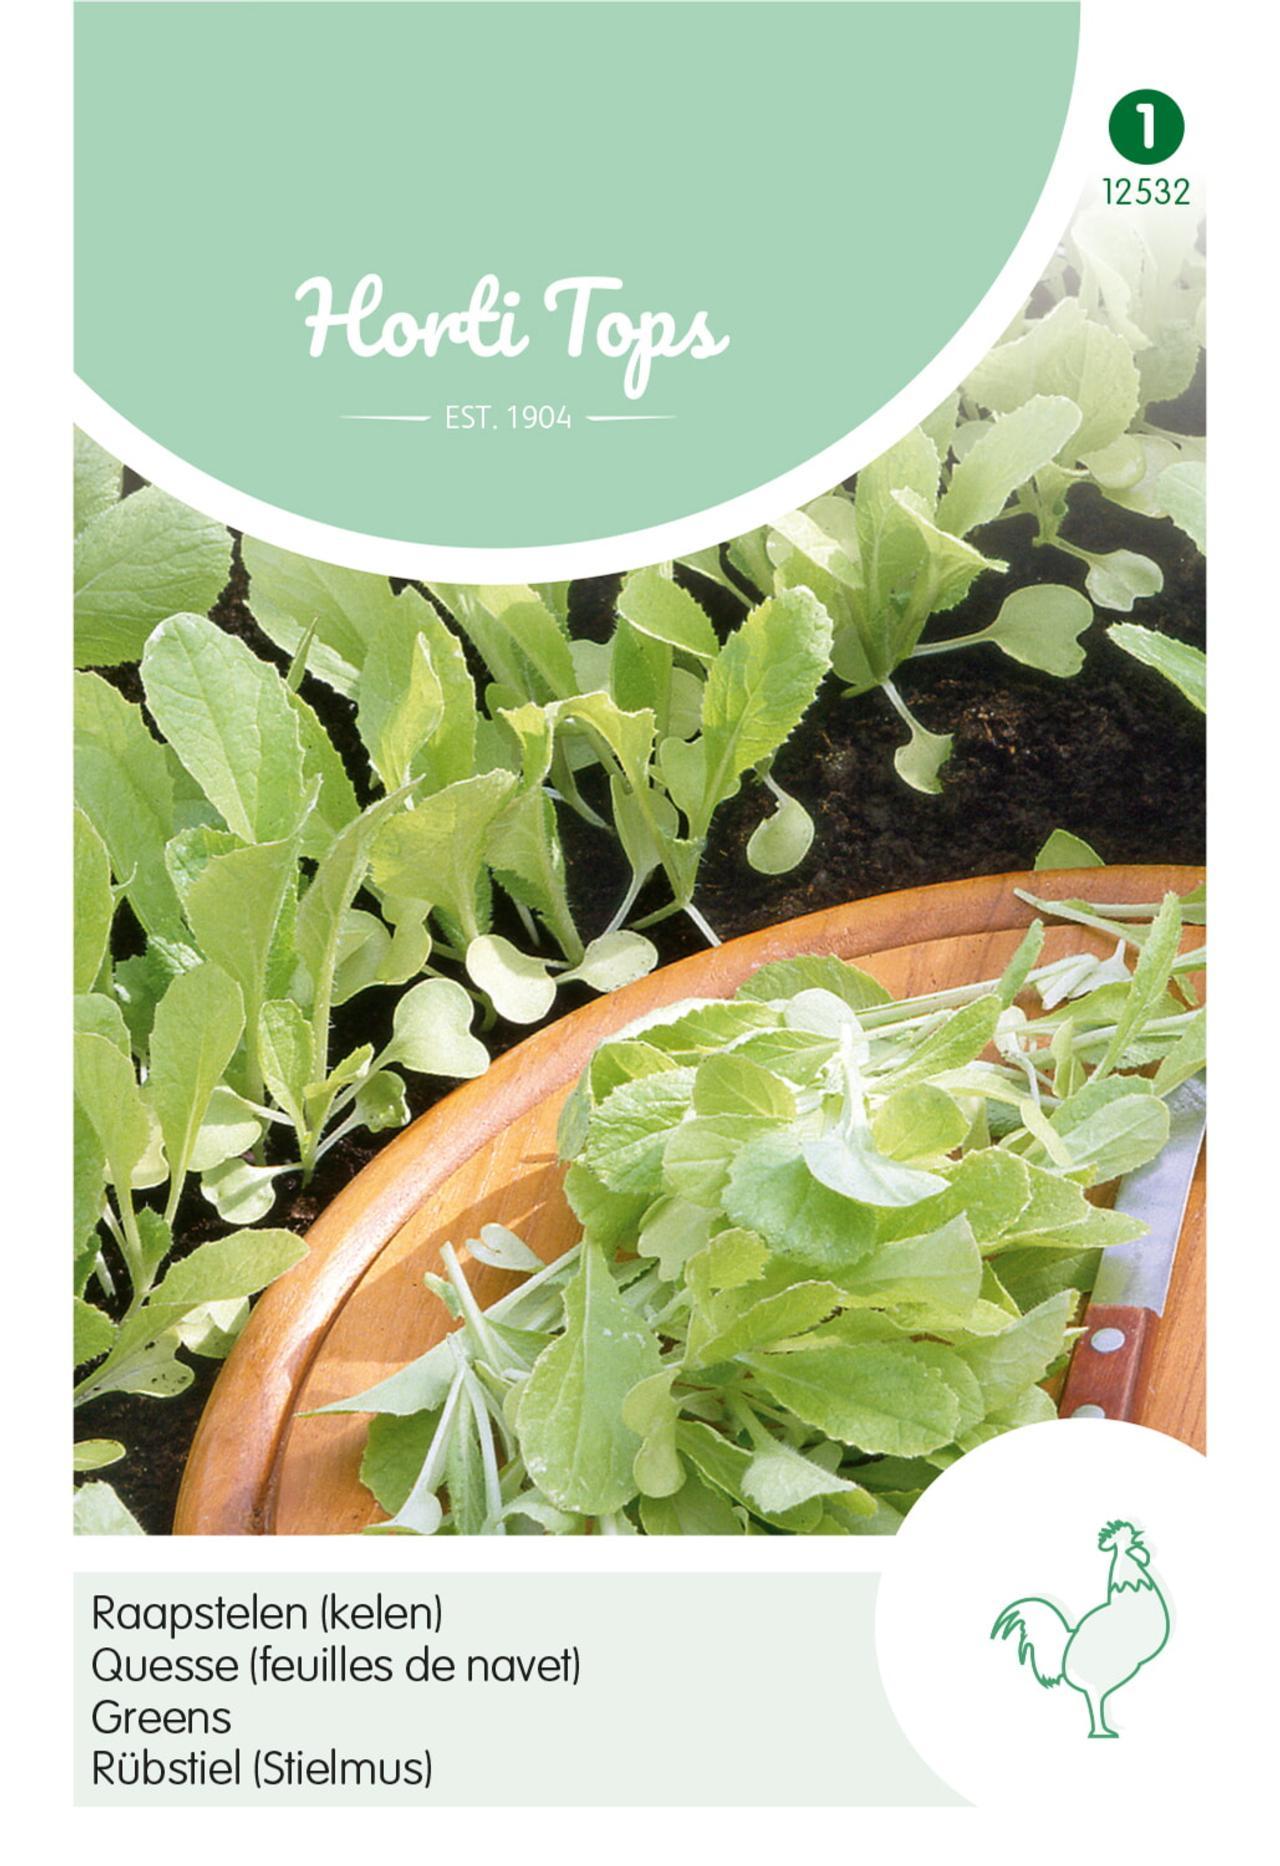 Brassica pekinensis 'Gele' plant